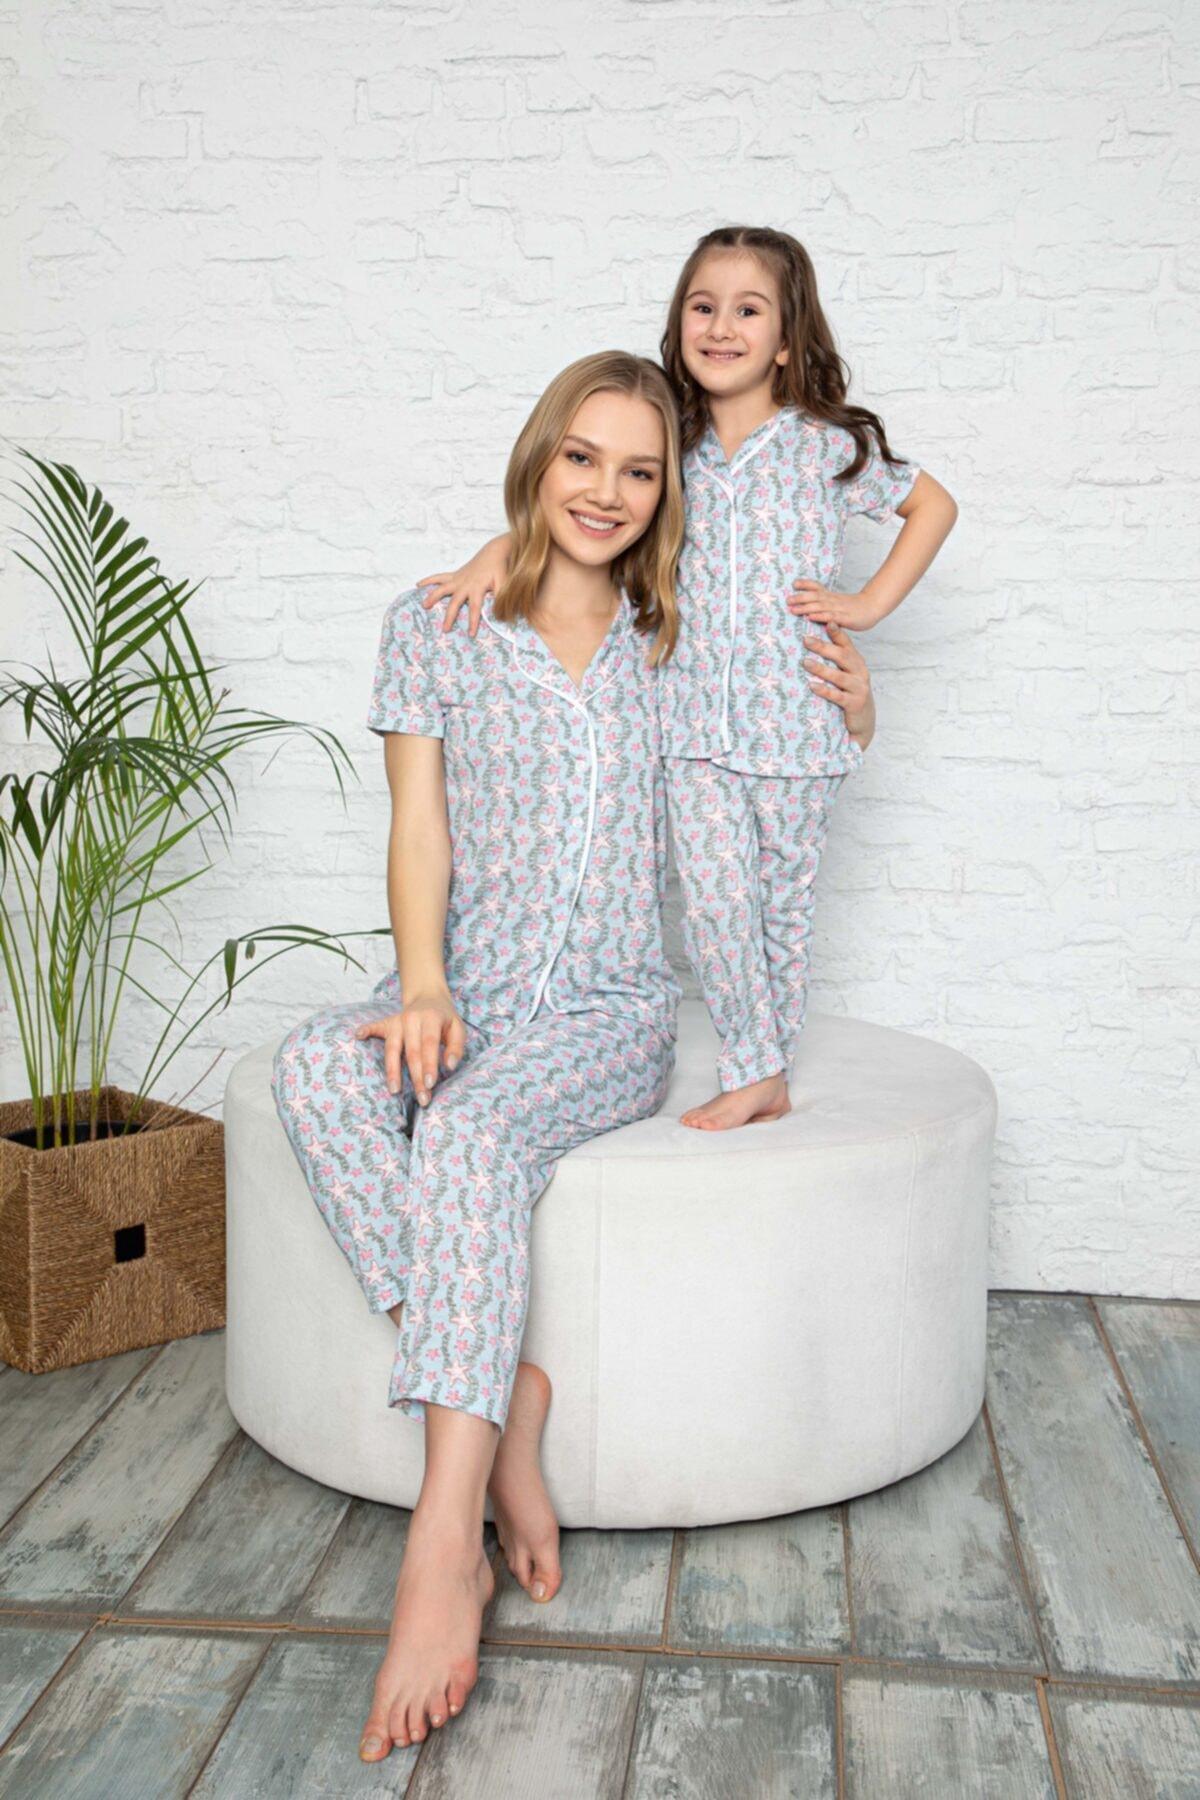 modalizy Anne Kız Yıldız Desen Pijama Kombinleri (Tek tek sepete eklemeniz gerekmektedir) 1